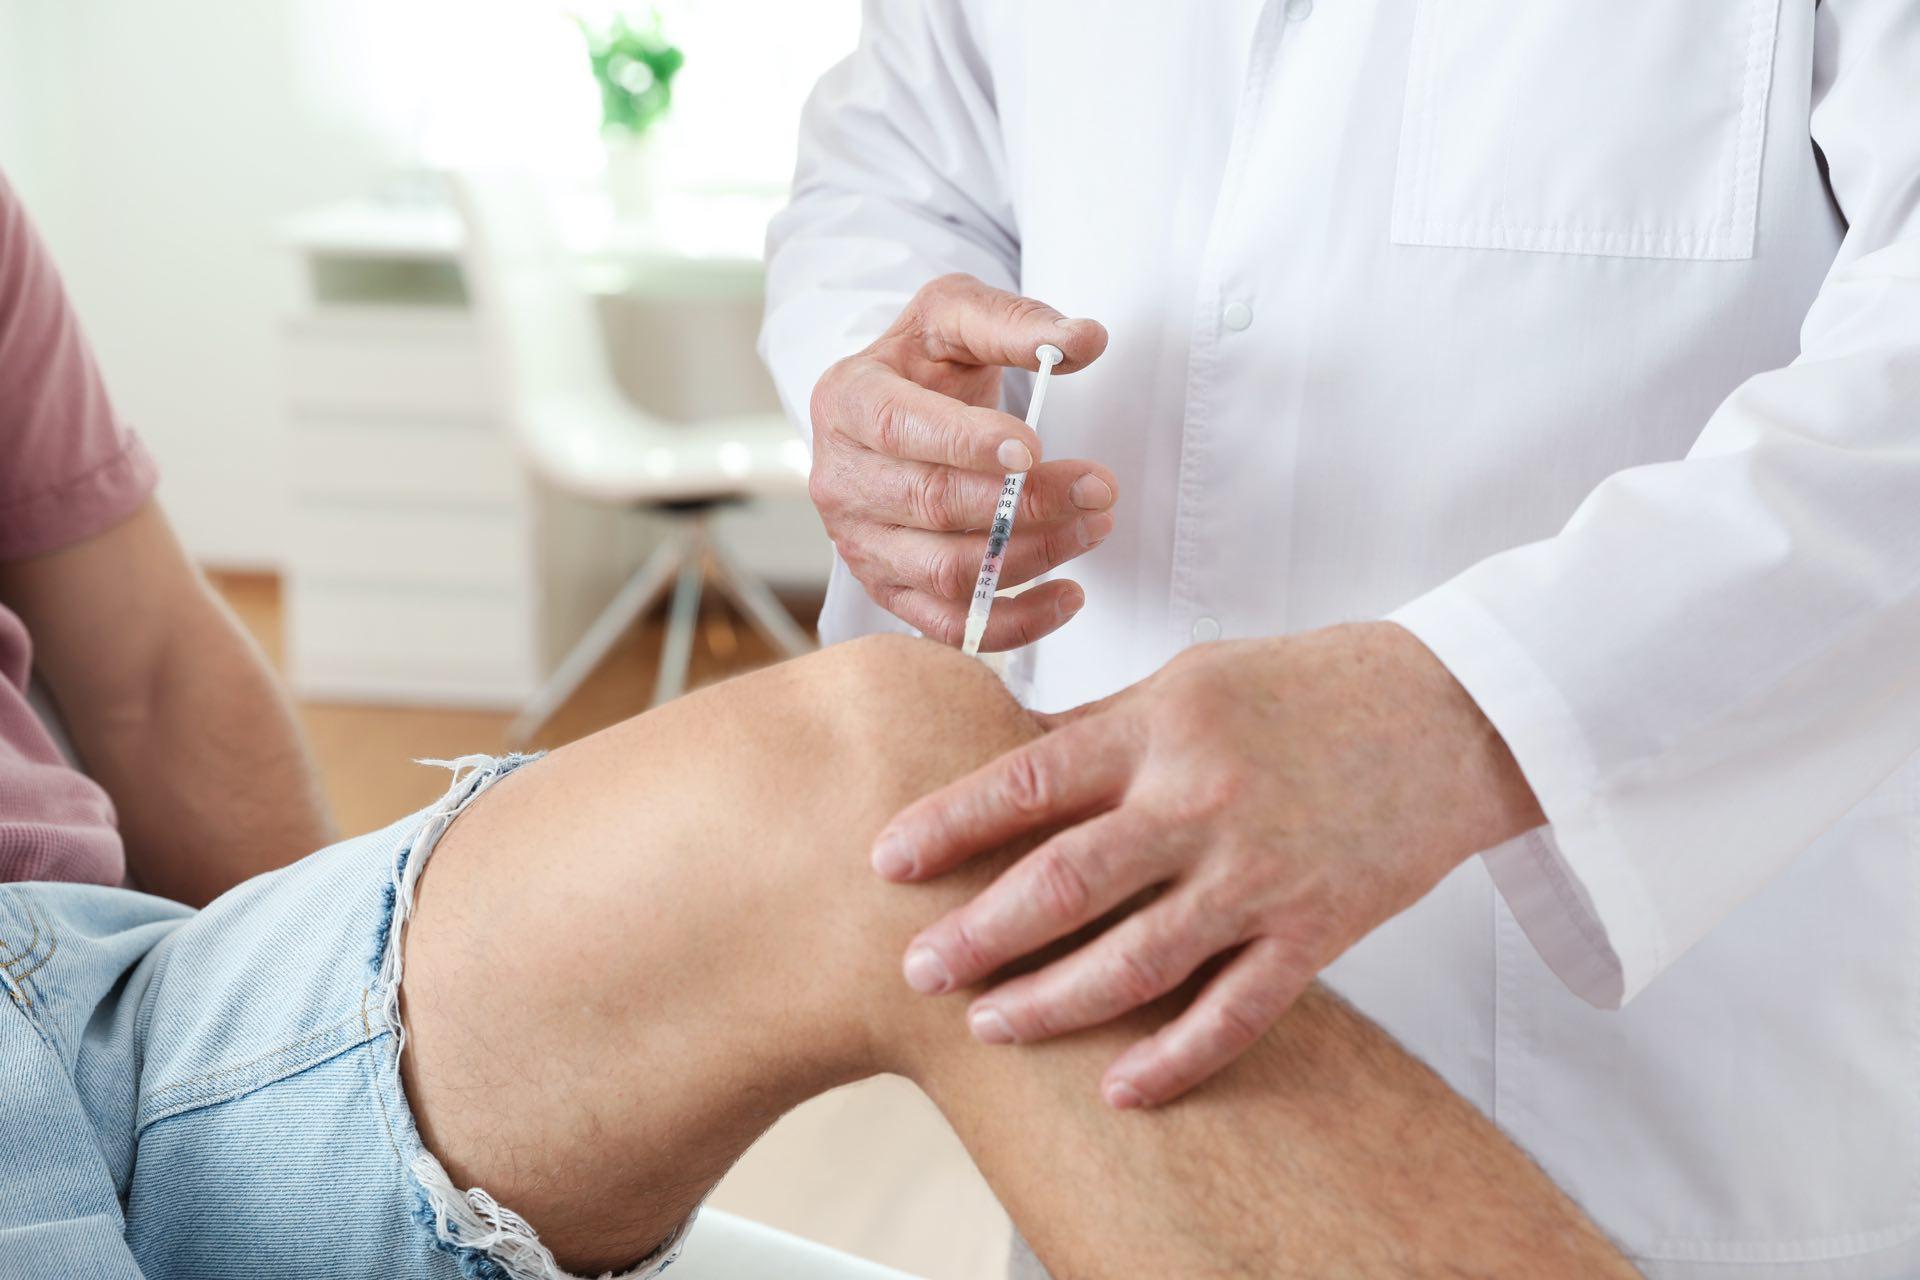 Arzt spritzt Hyaluronsäure in das Kniegelenk